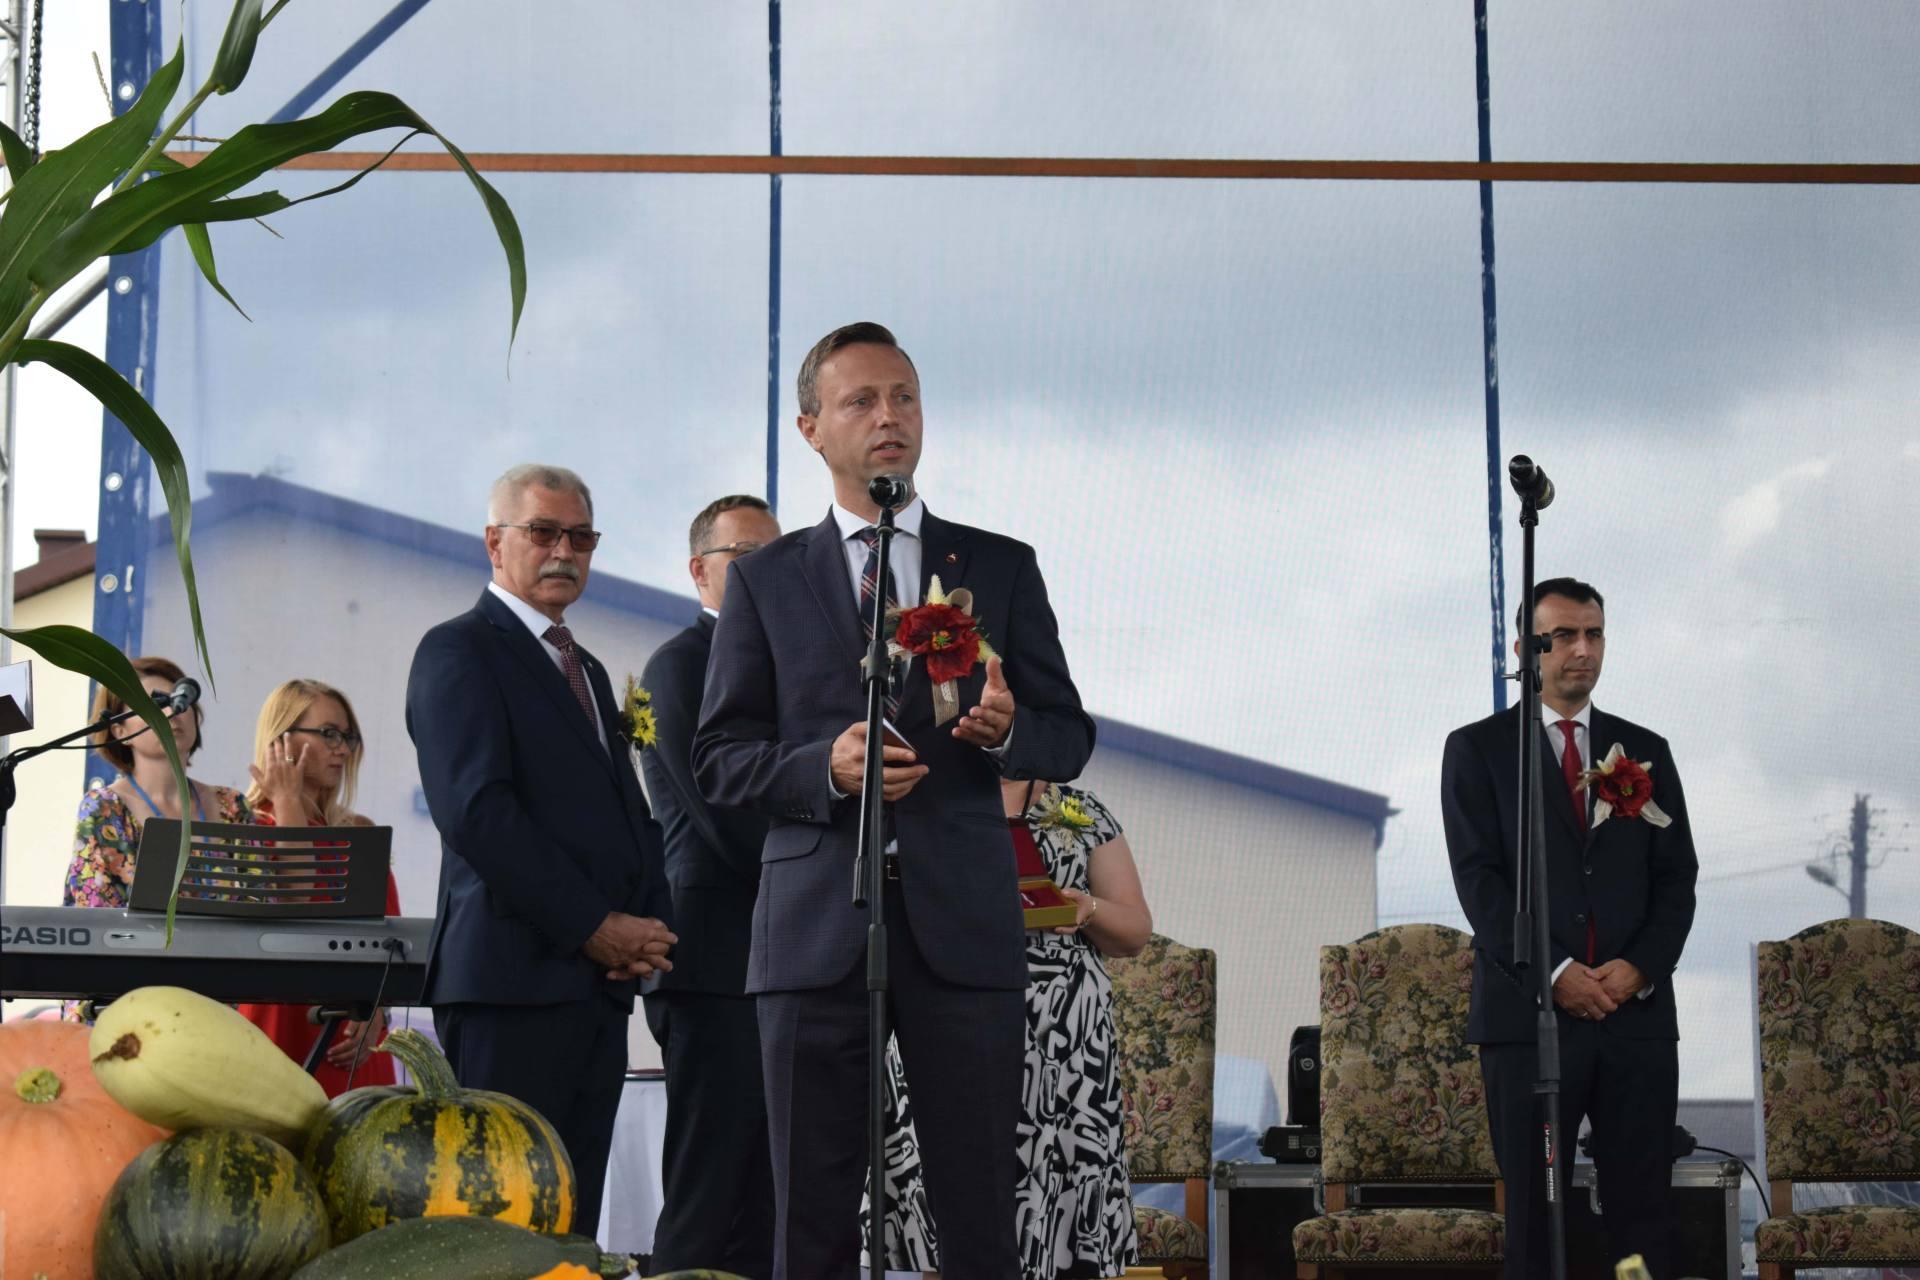 dsc 1002 23 sierpnia odbyły się Dożynki Powiatowo-Gminne w Łabuniach. Publikujemy zdjęcia